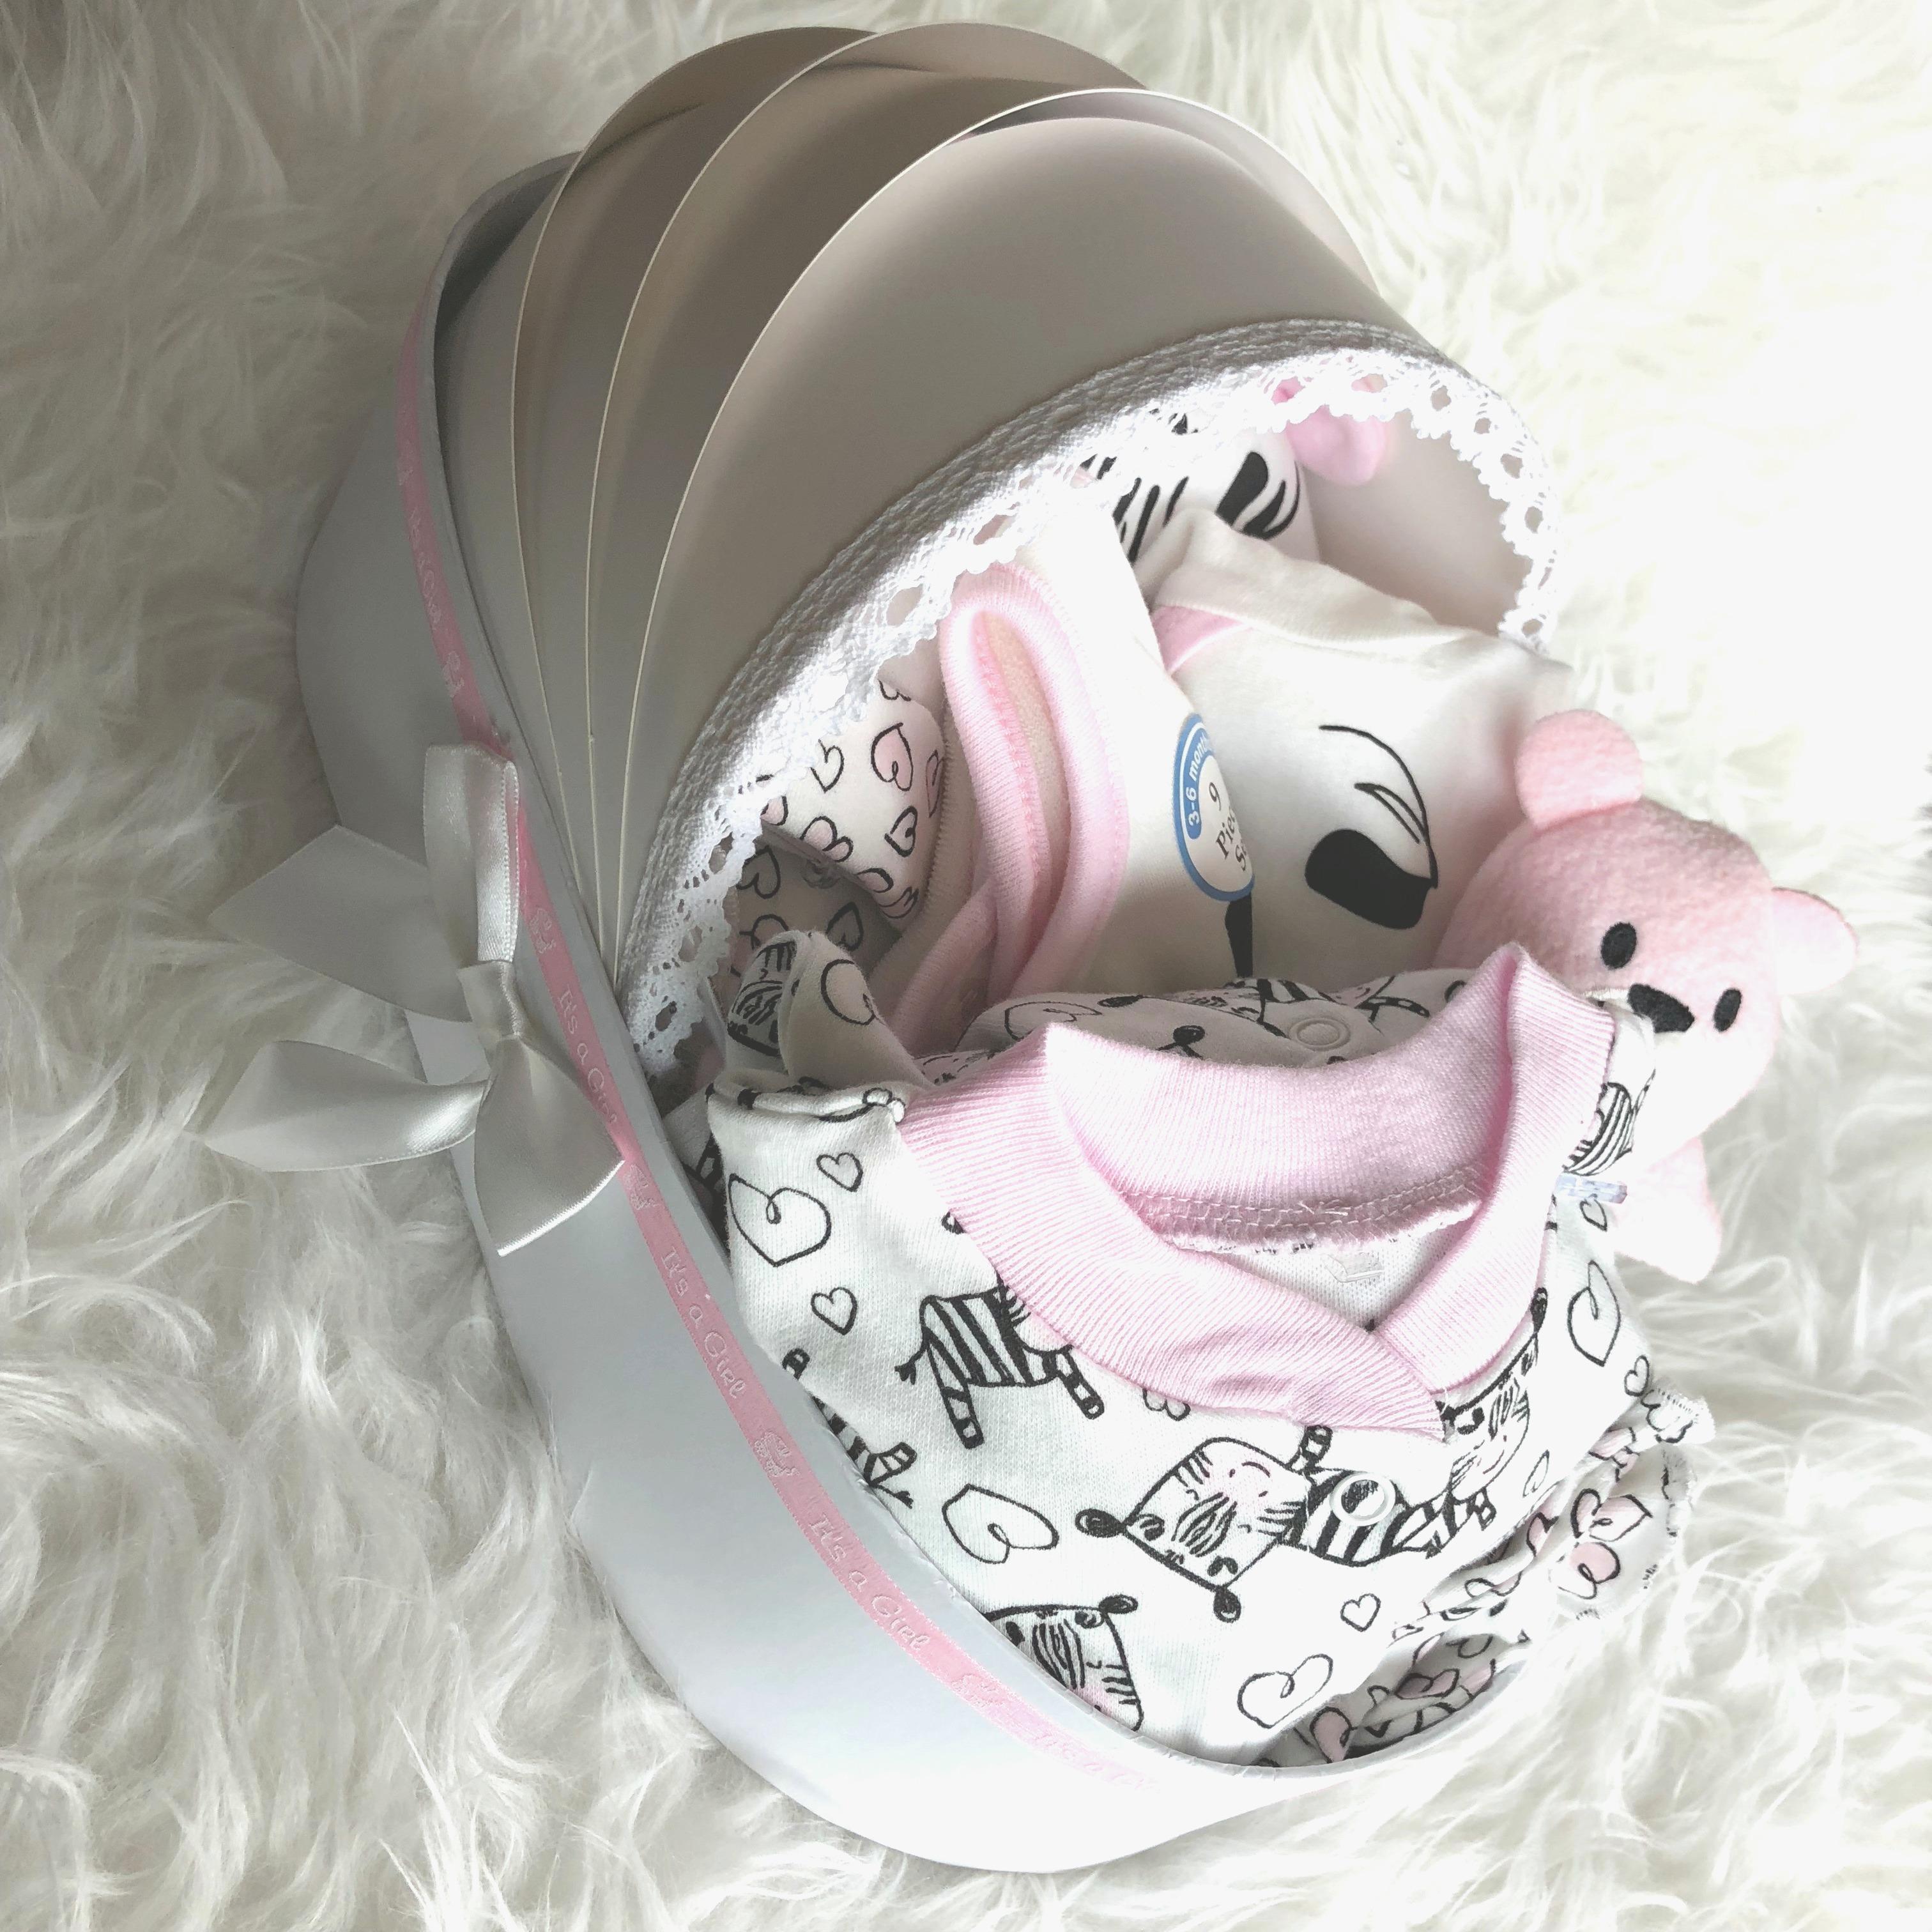 CUTIE PIE (Newborn Girls) 9-Piece Zebra Gift Set